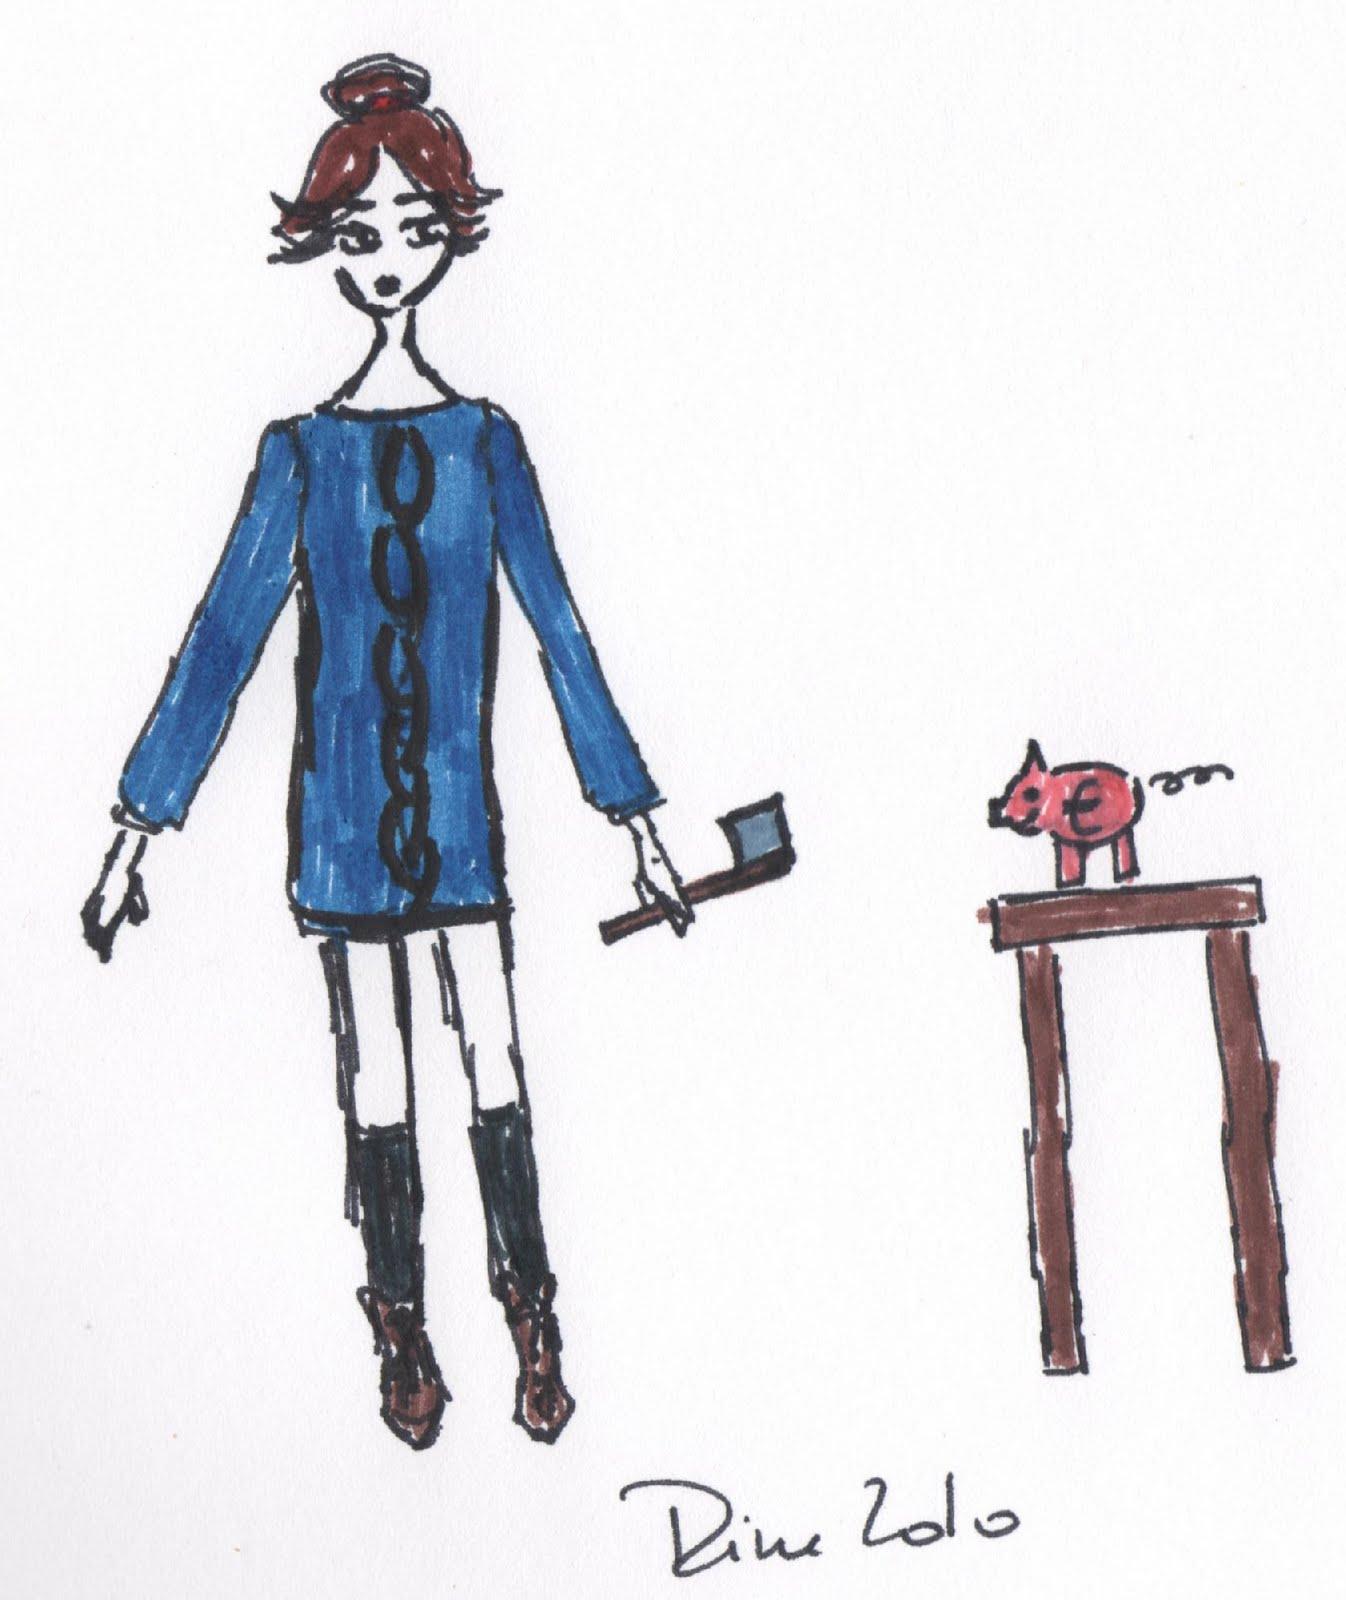 http://3.bp.blogspot.com/_vwsOx9tfdkU/TM4BIssgmbI/AAAAAAAAAM8/NTt55u3KdyM/s1600/chaussette+jan+01+11+10.jpg